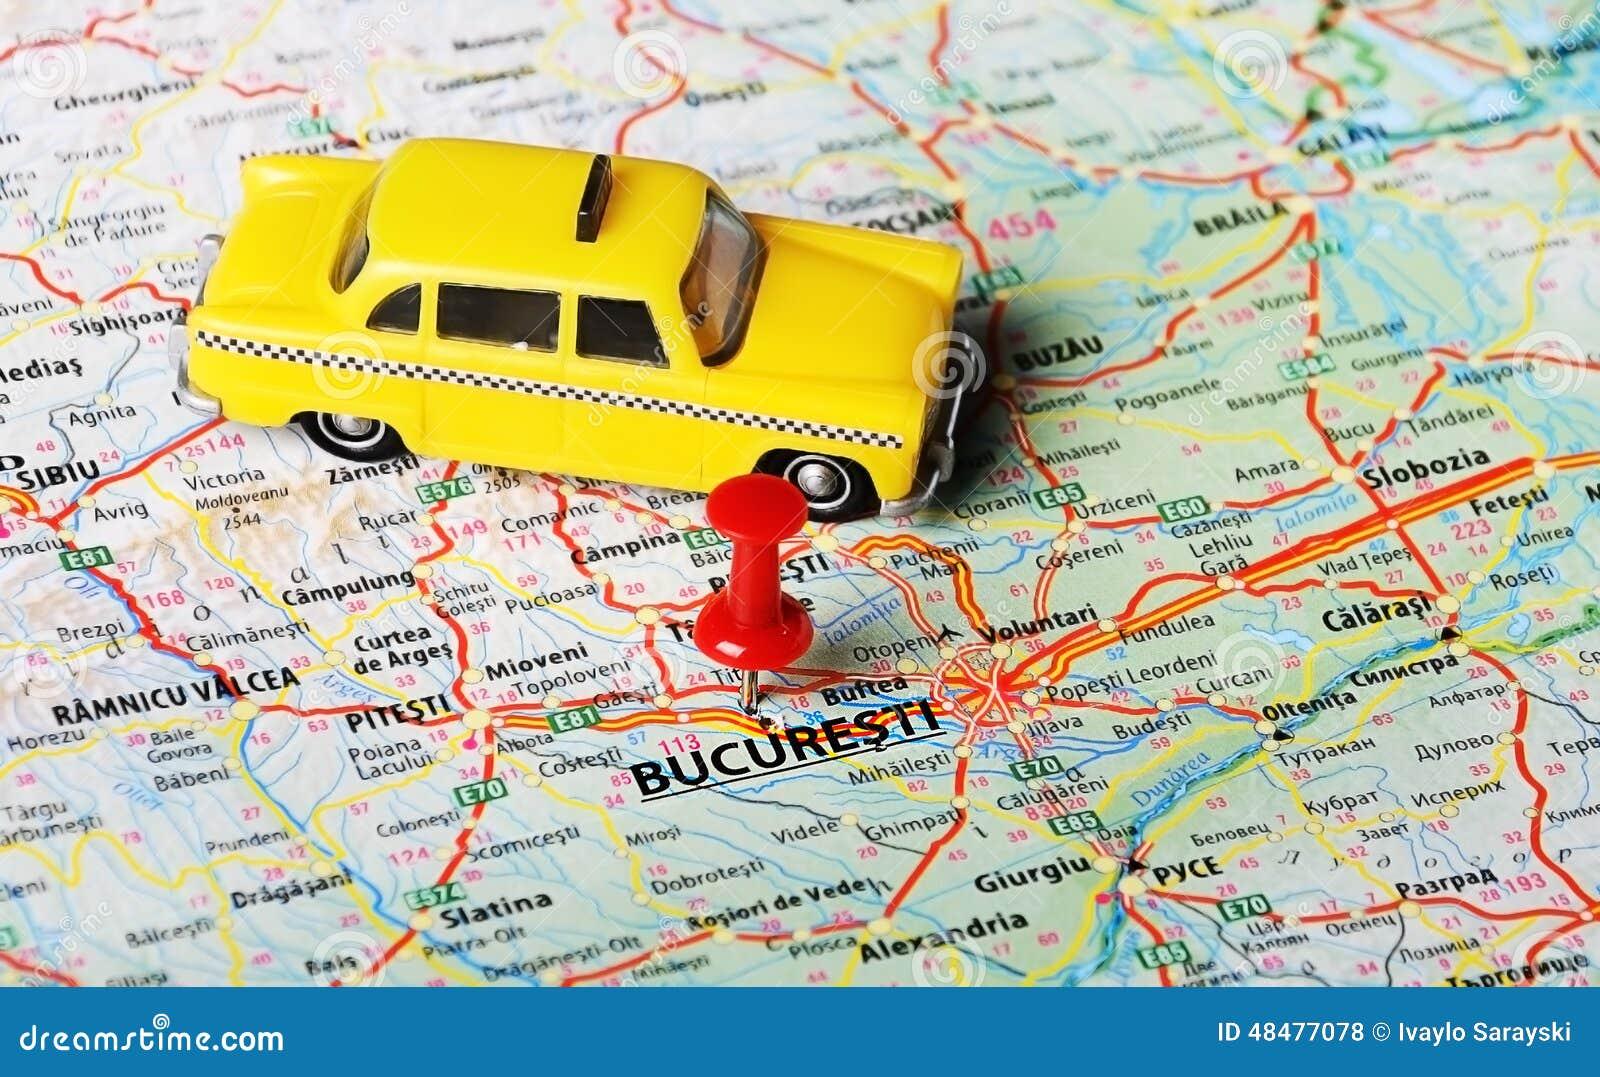 布加勒斯特,罗马尼亚地图出租汽车